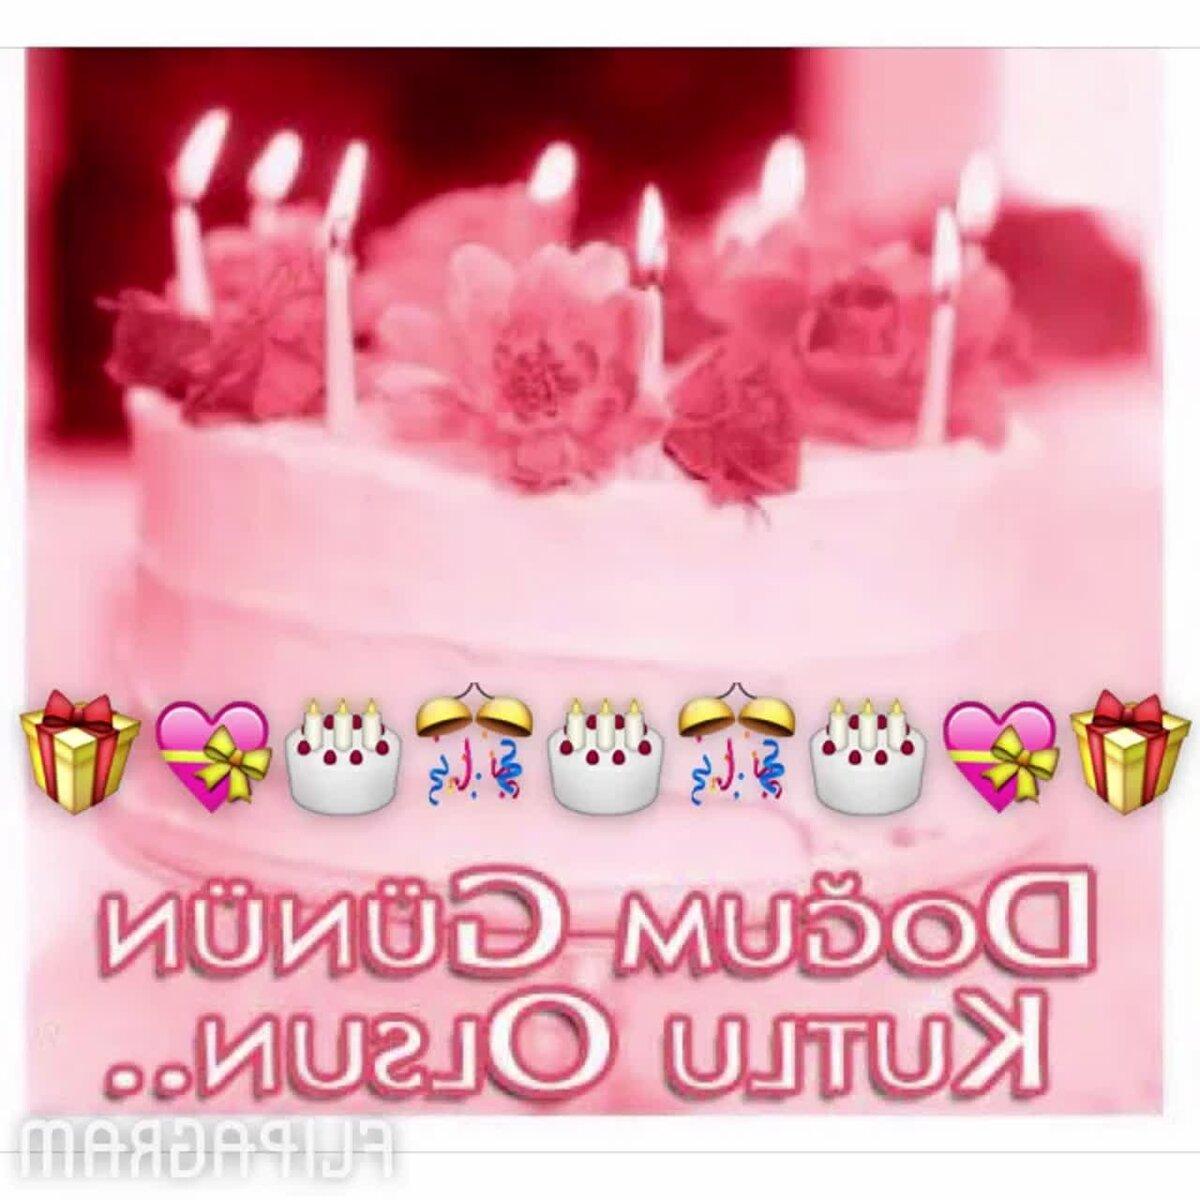 Поздравление на турецком языке с днем рождения открытки с днем рождения, открытки